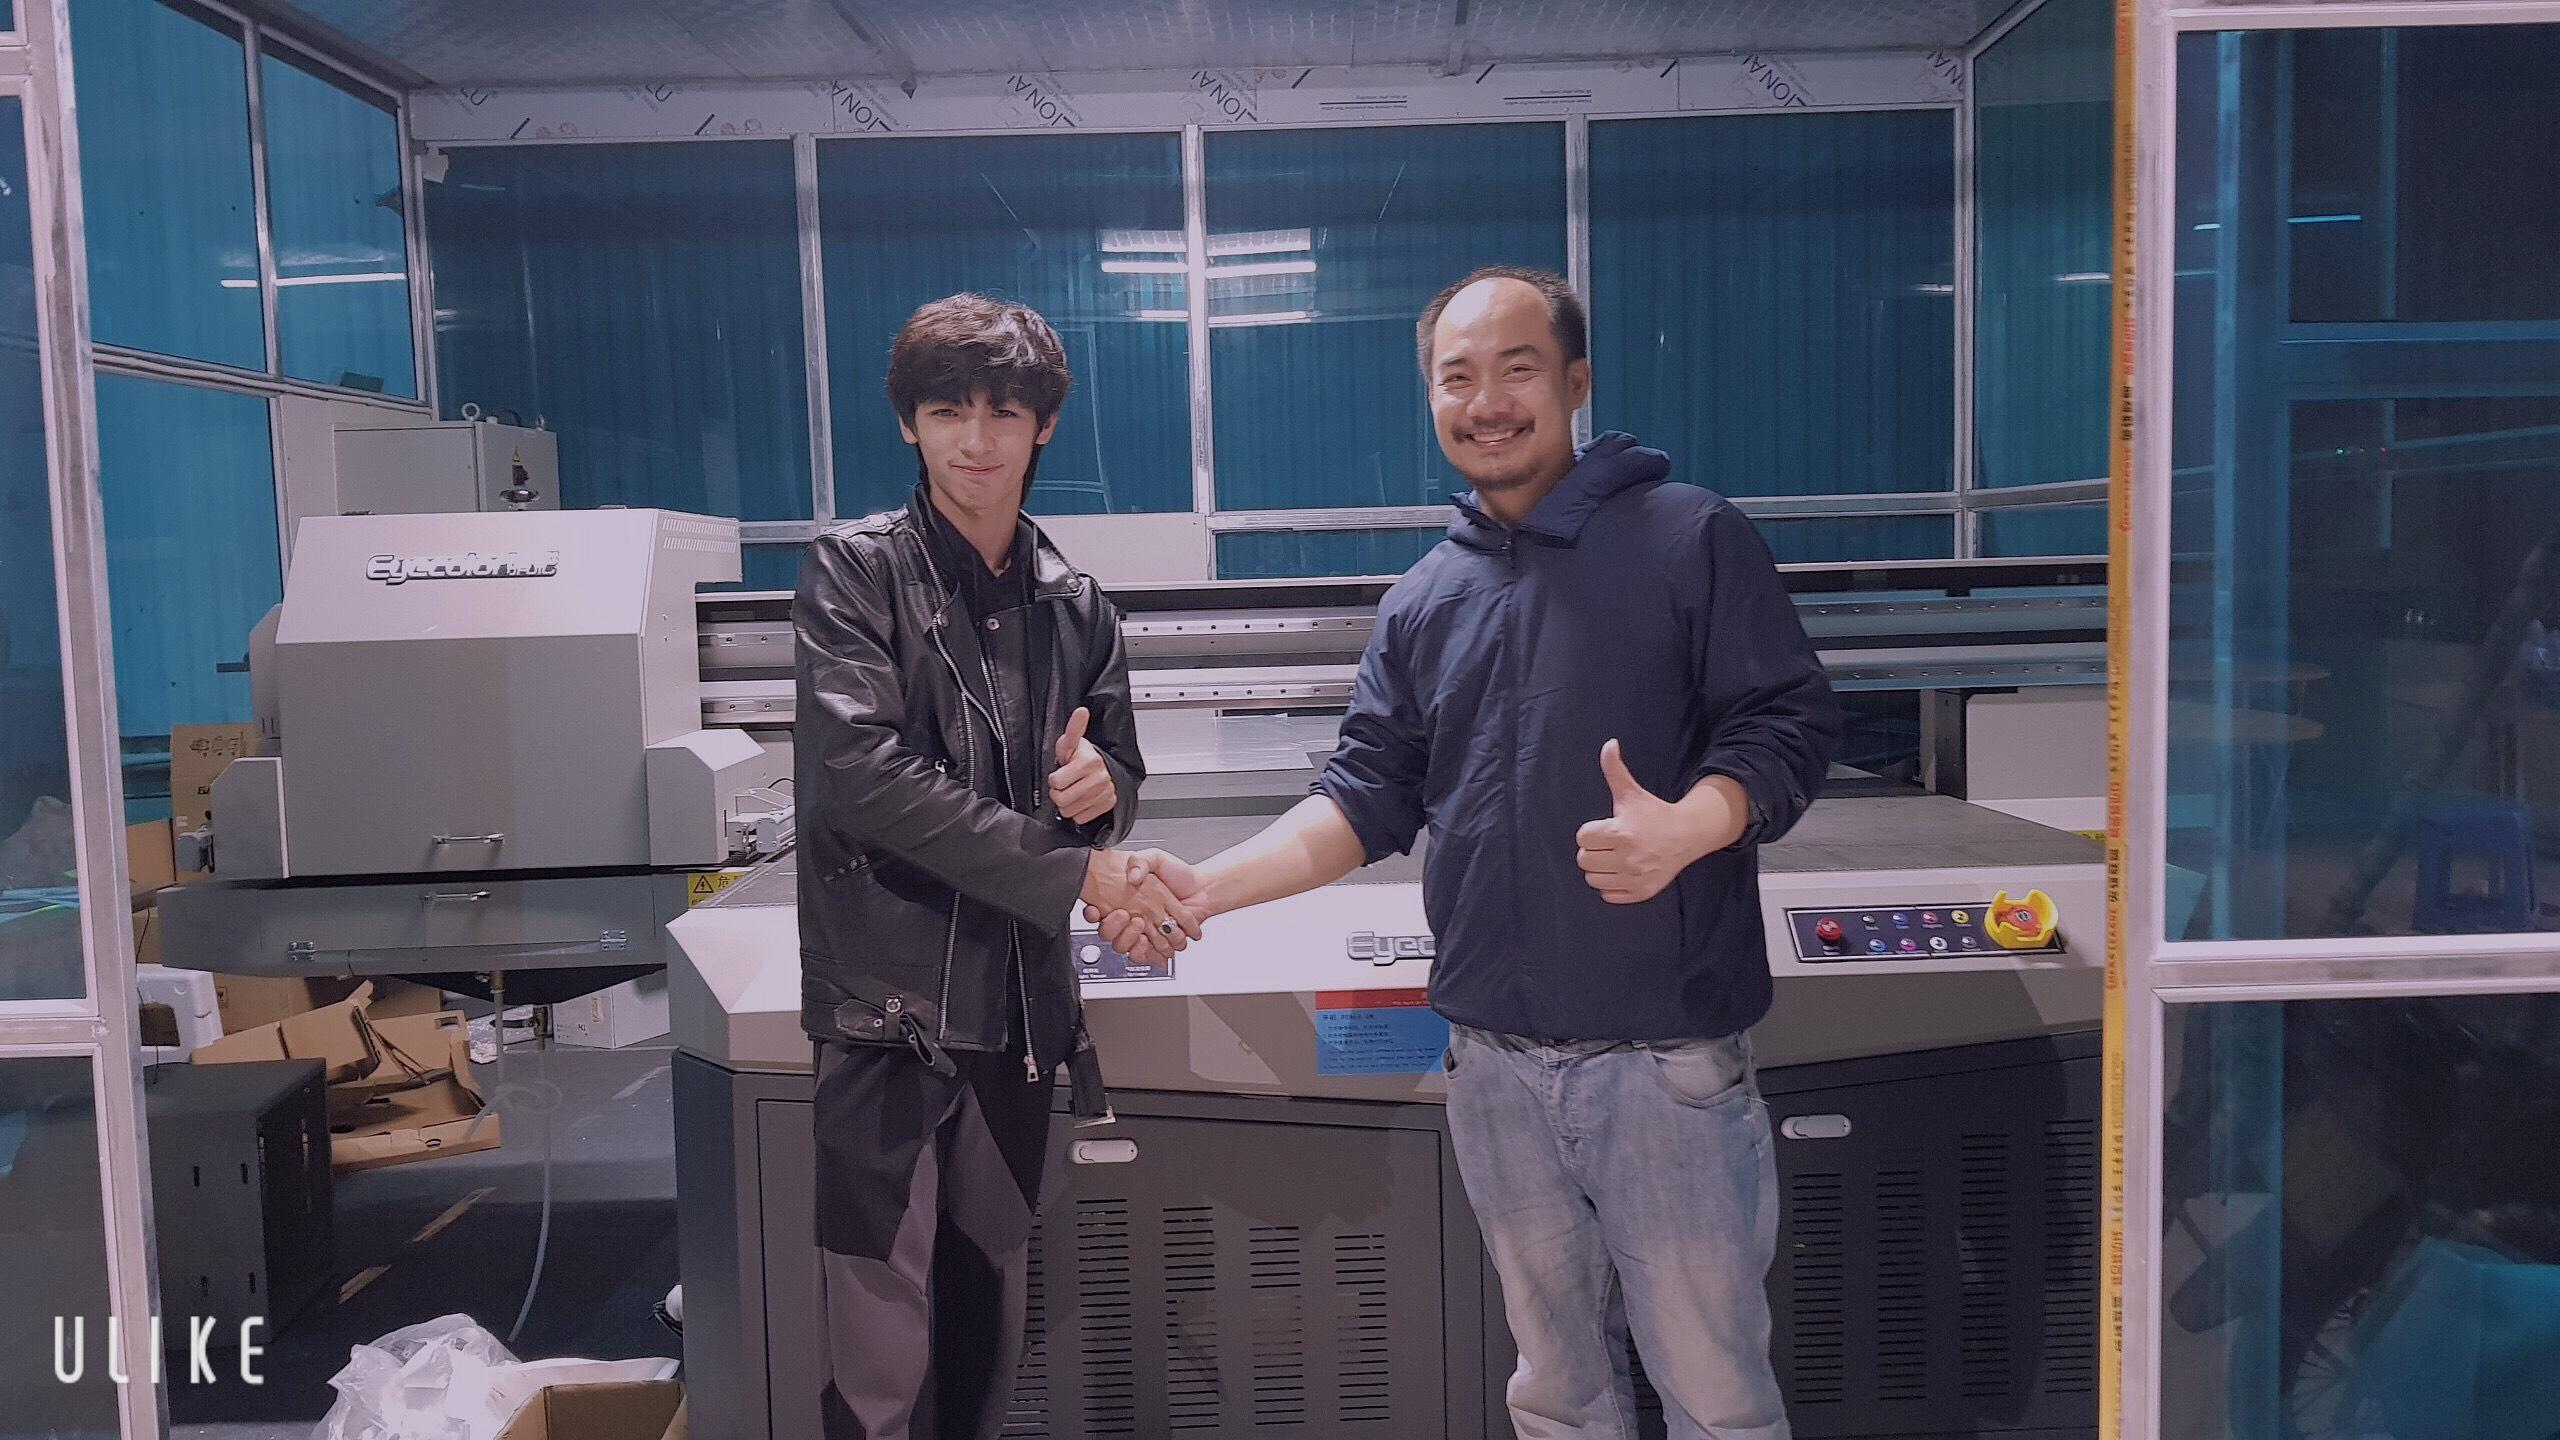 Lắp đặt và bàn giao máy in uv phẳng Eyecolor khổ 2030 cho Thủ Đô Kính tại Hà Nội